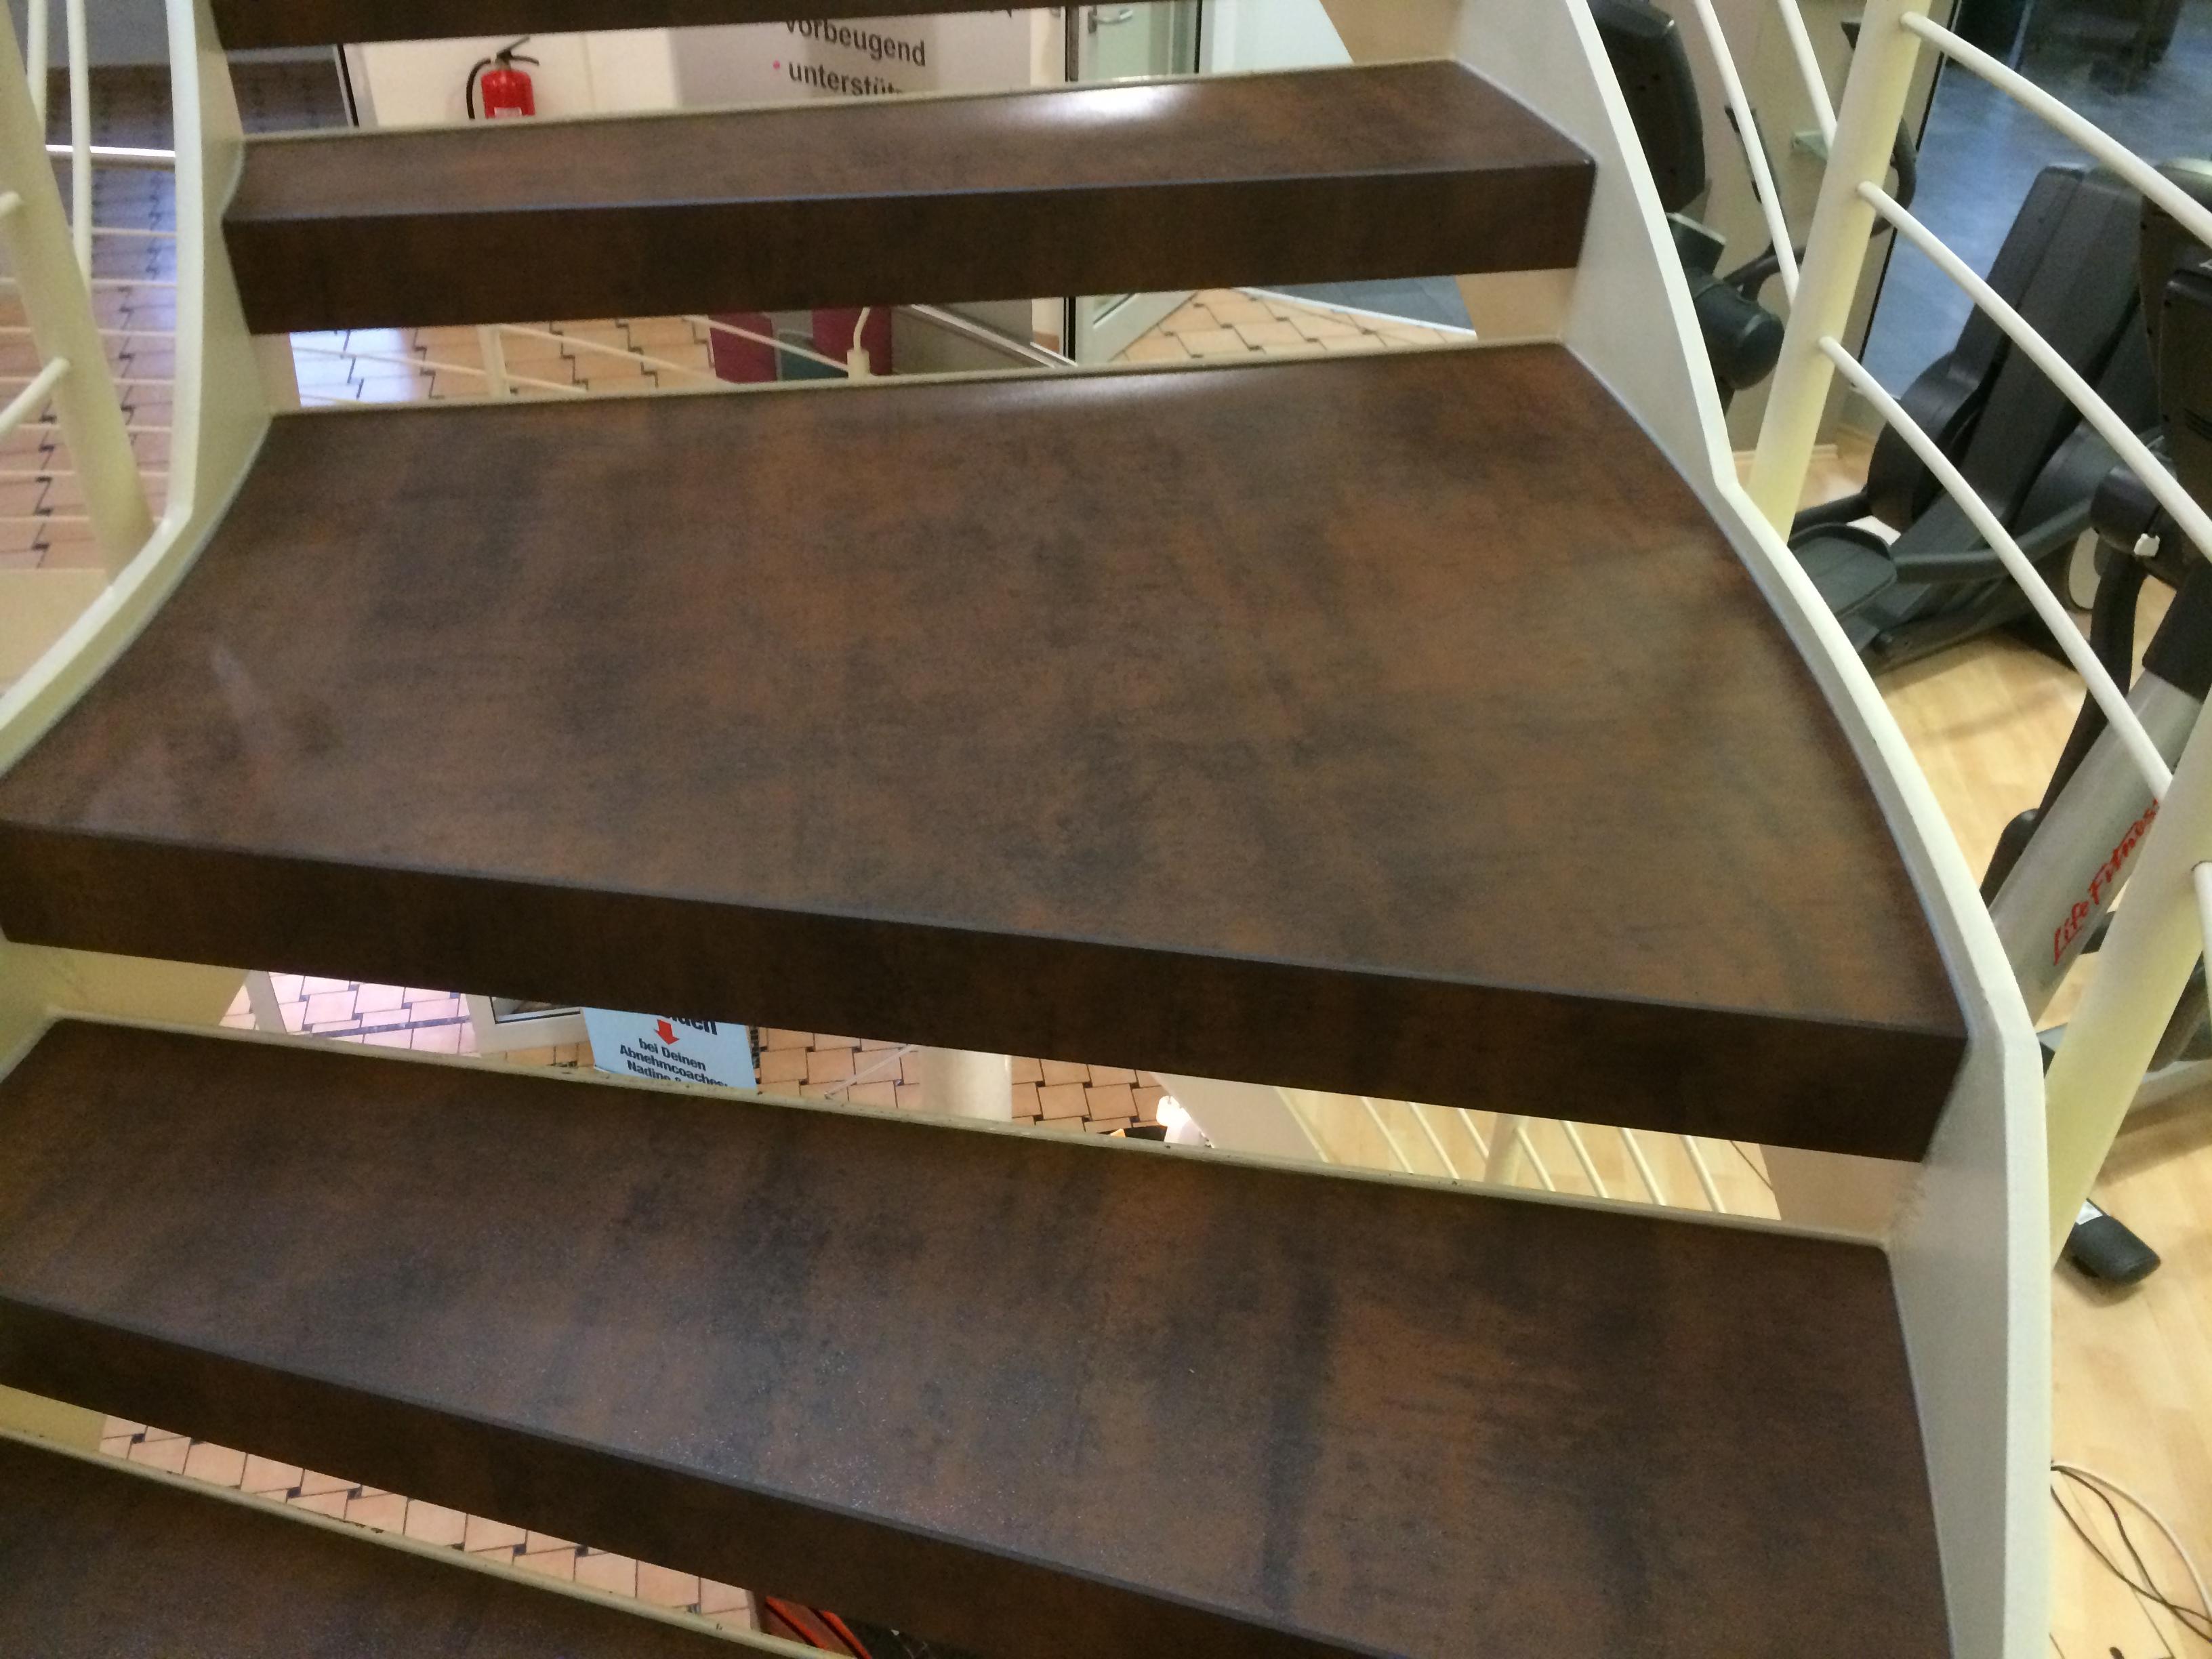 Keramik Innentreppe, hochwertige Treppenauflagen, Treppe & Treppen aus Keramik aus Minden alles von Gebrüder Gräper